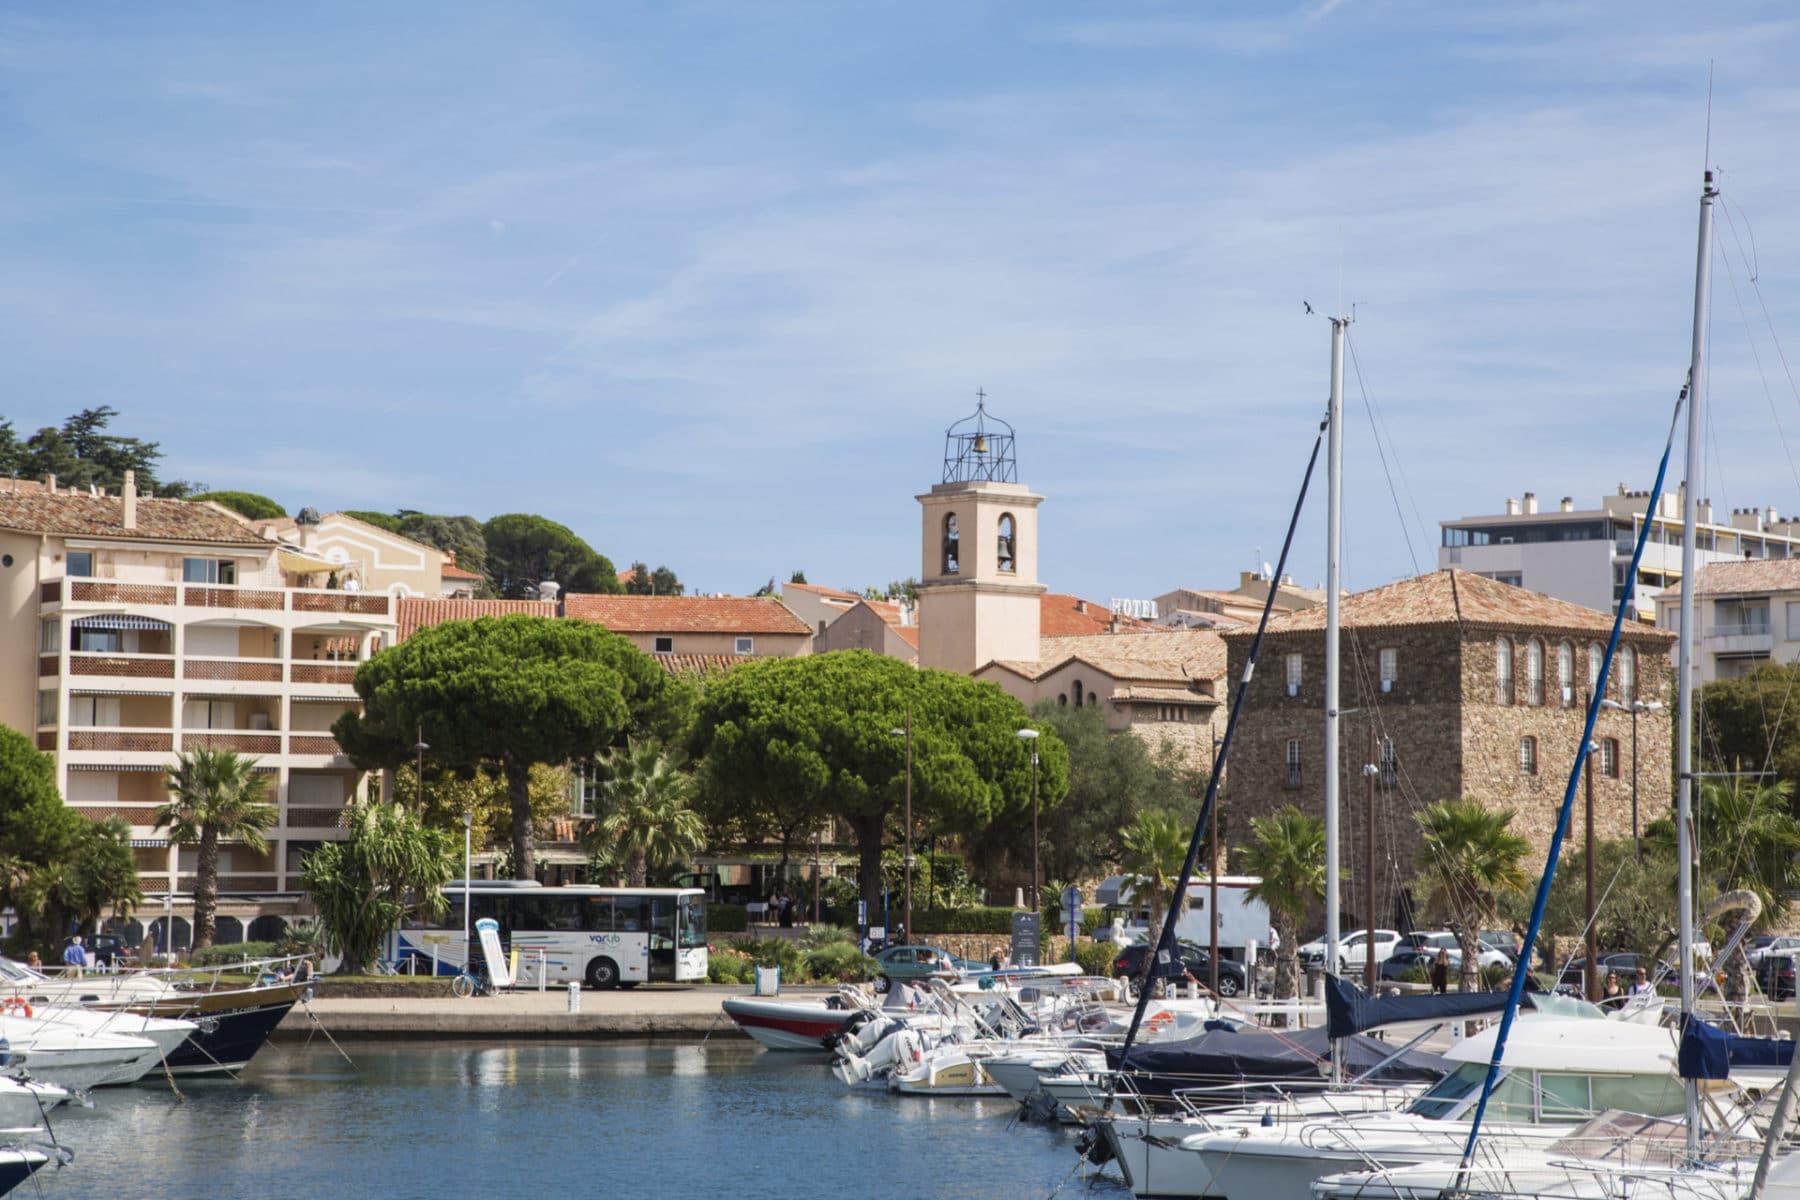 iStock - Boats at Sainte-Maxime